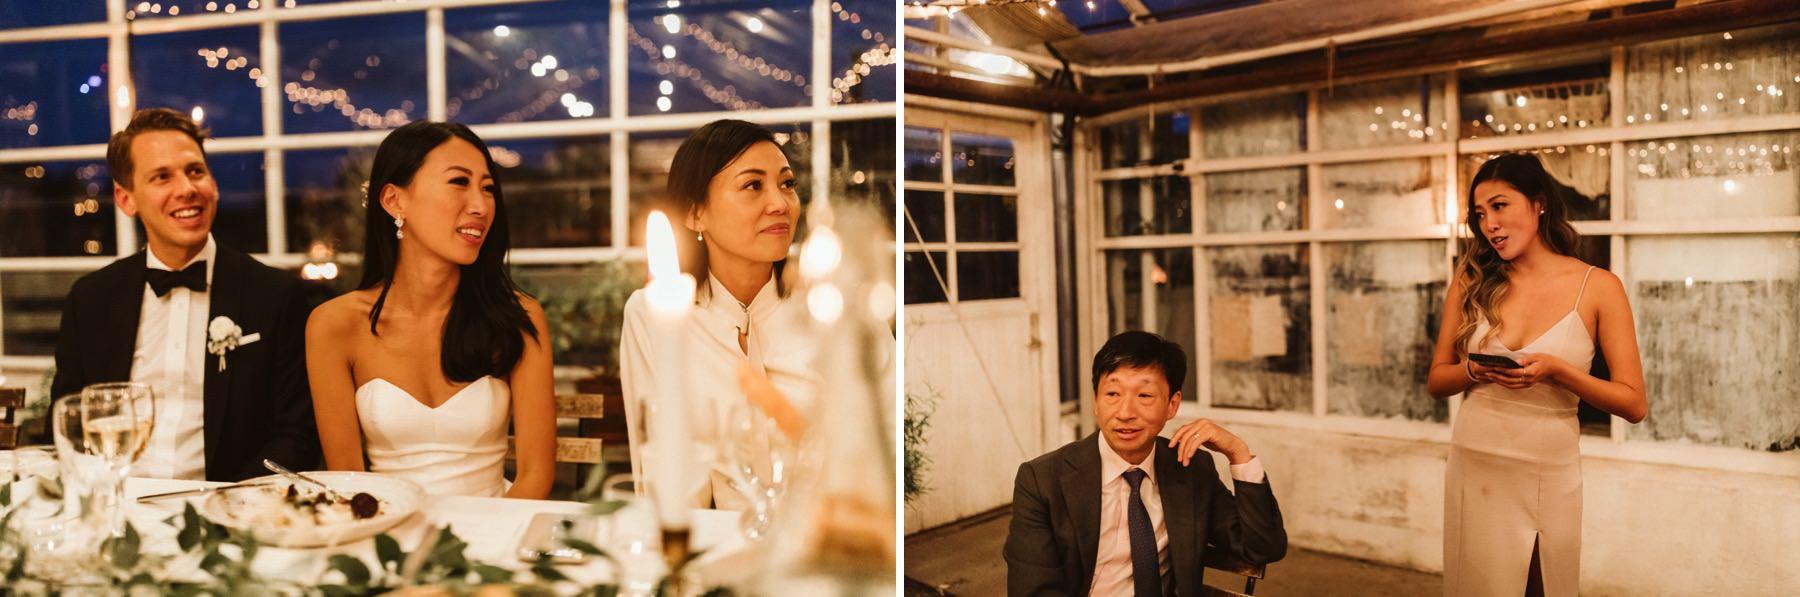 Chinese Canadian Swedish wedding